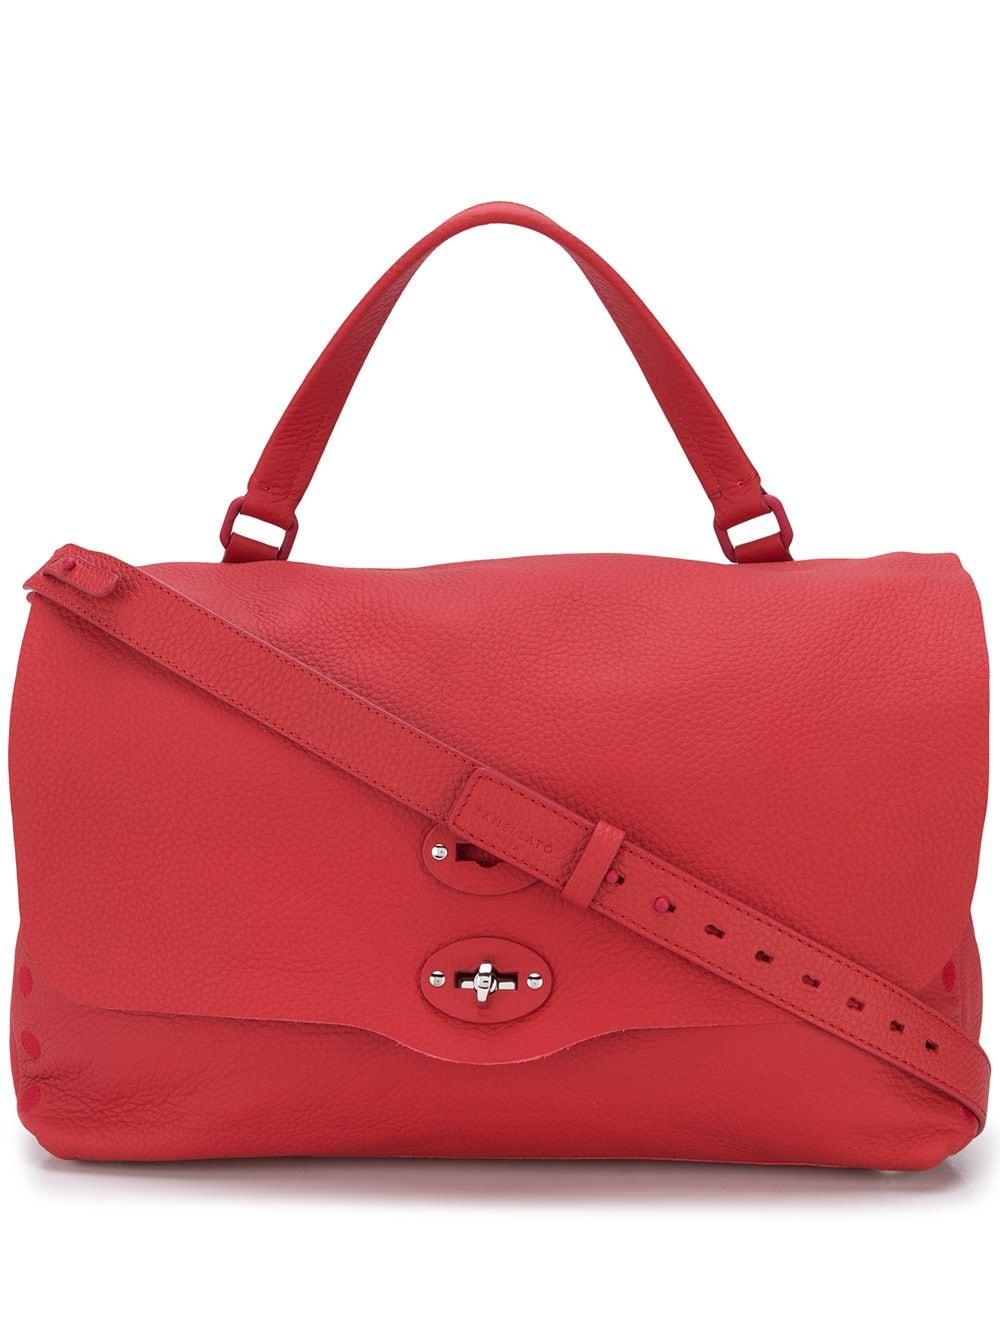 Jones Postina Leather Handbag